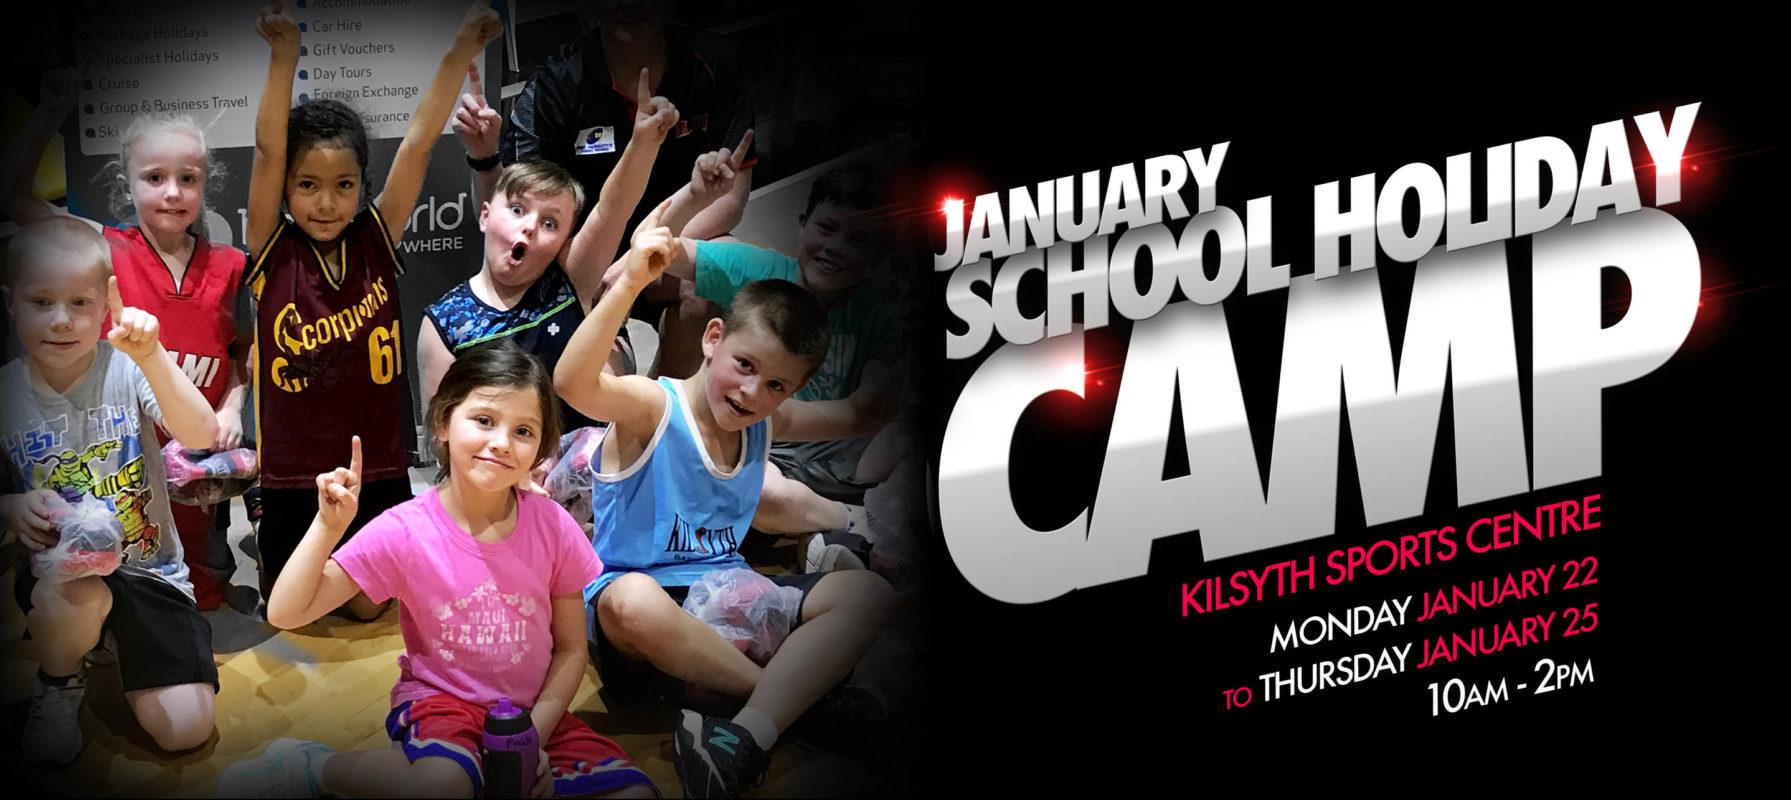 holiday-camp-fb-timeline-jan18